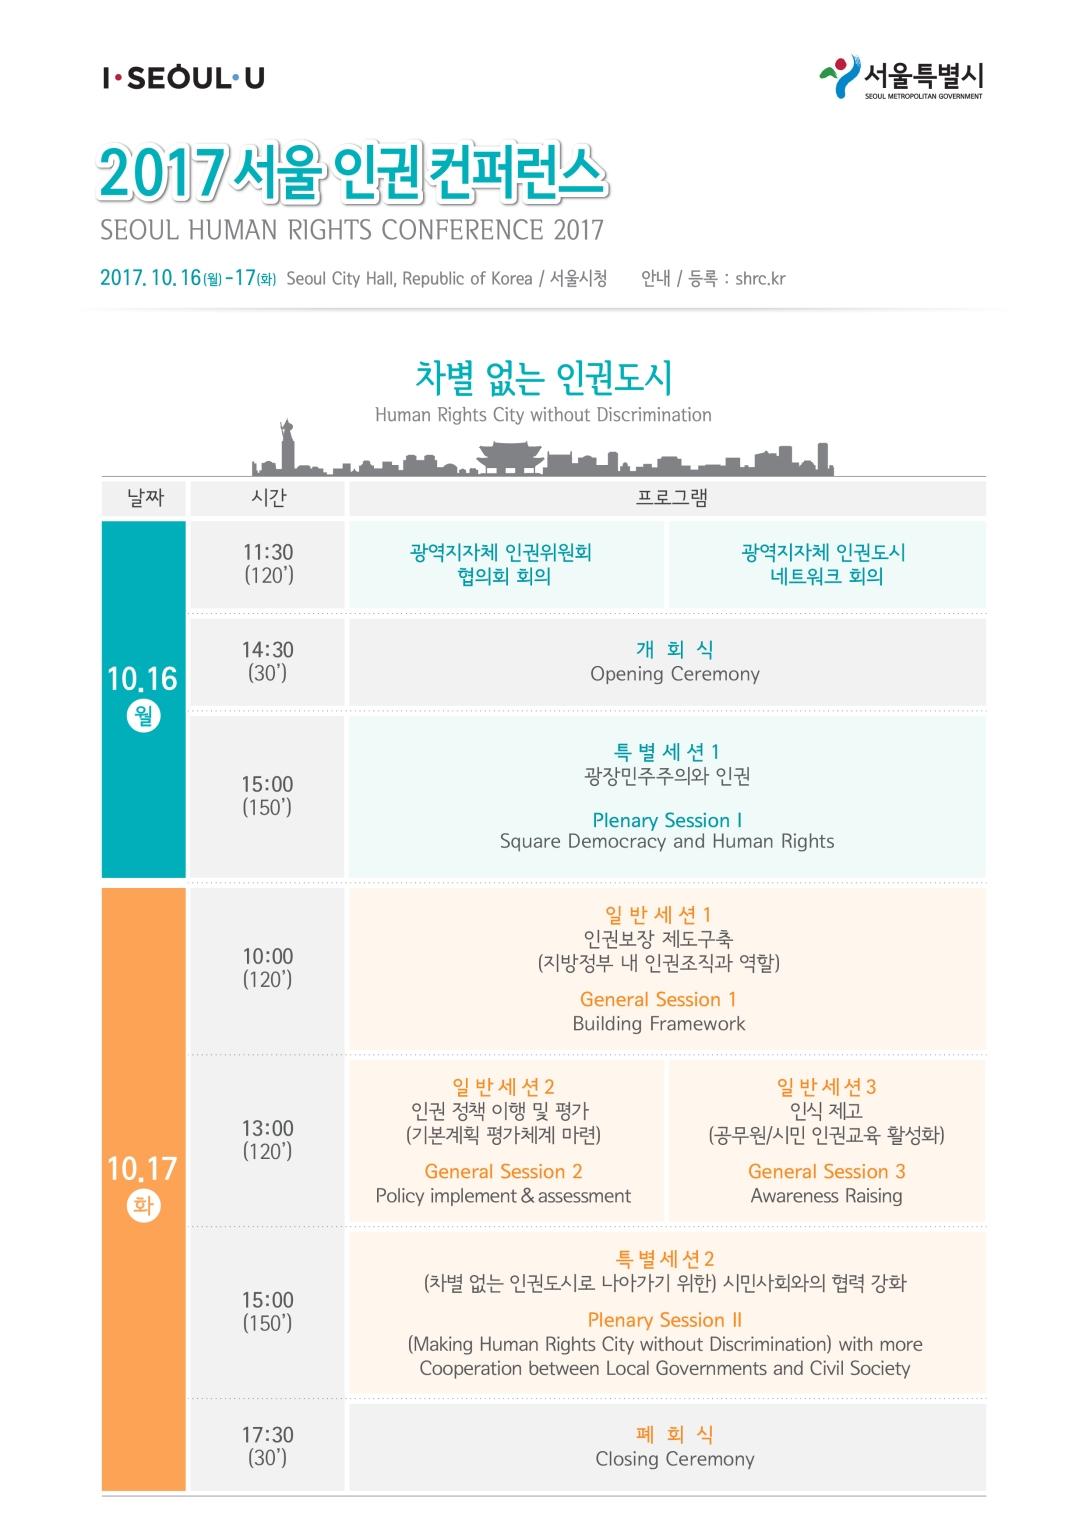 2017서울인권컨퍼런스 일정표